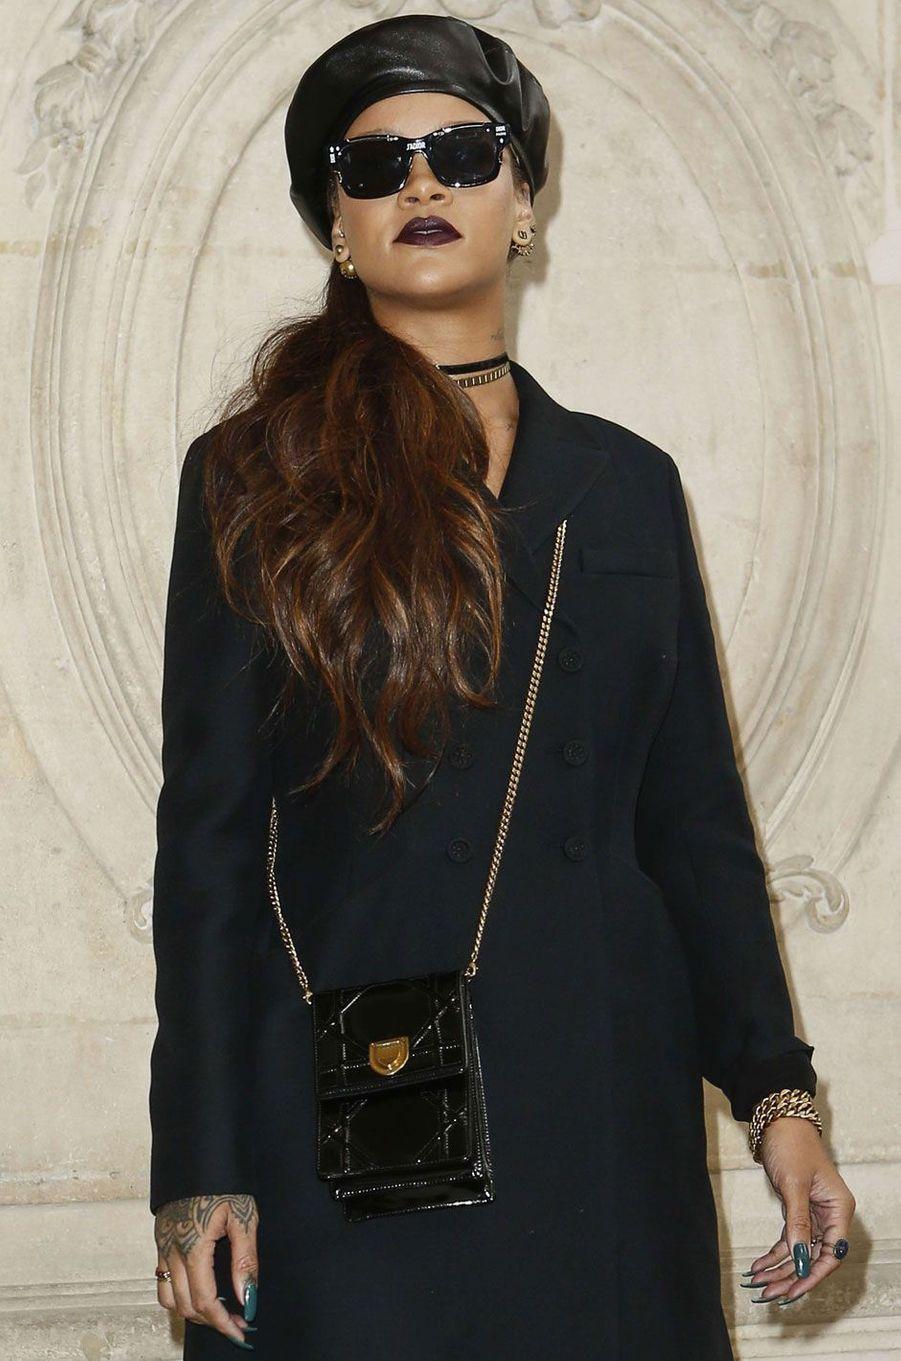 Rihanna au défilé Christian Dior durant la Paris Fashion Week.